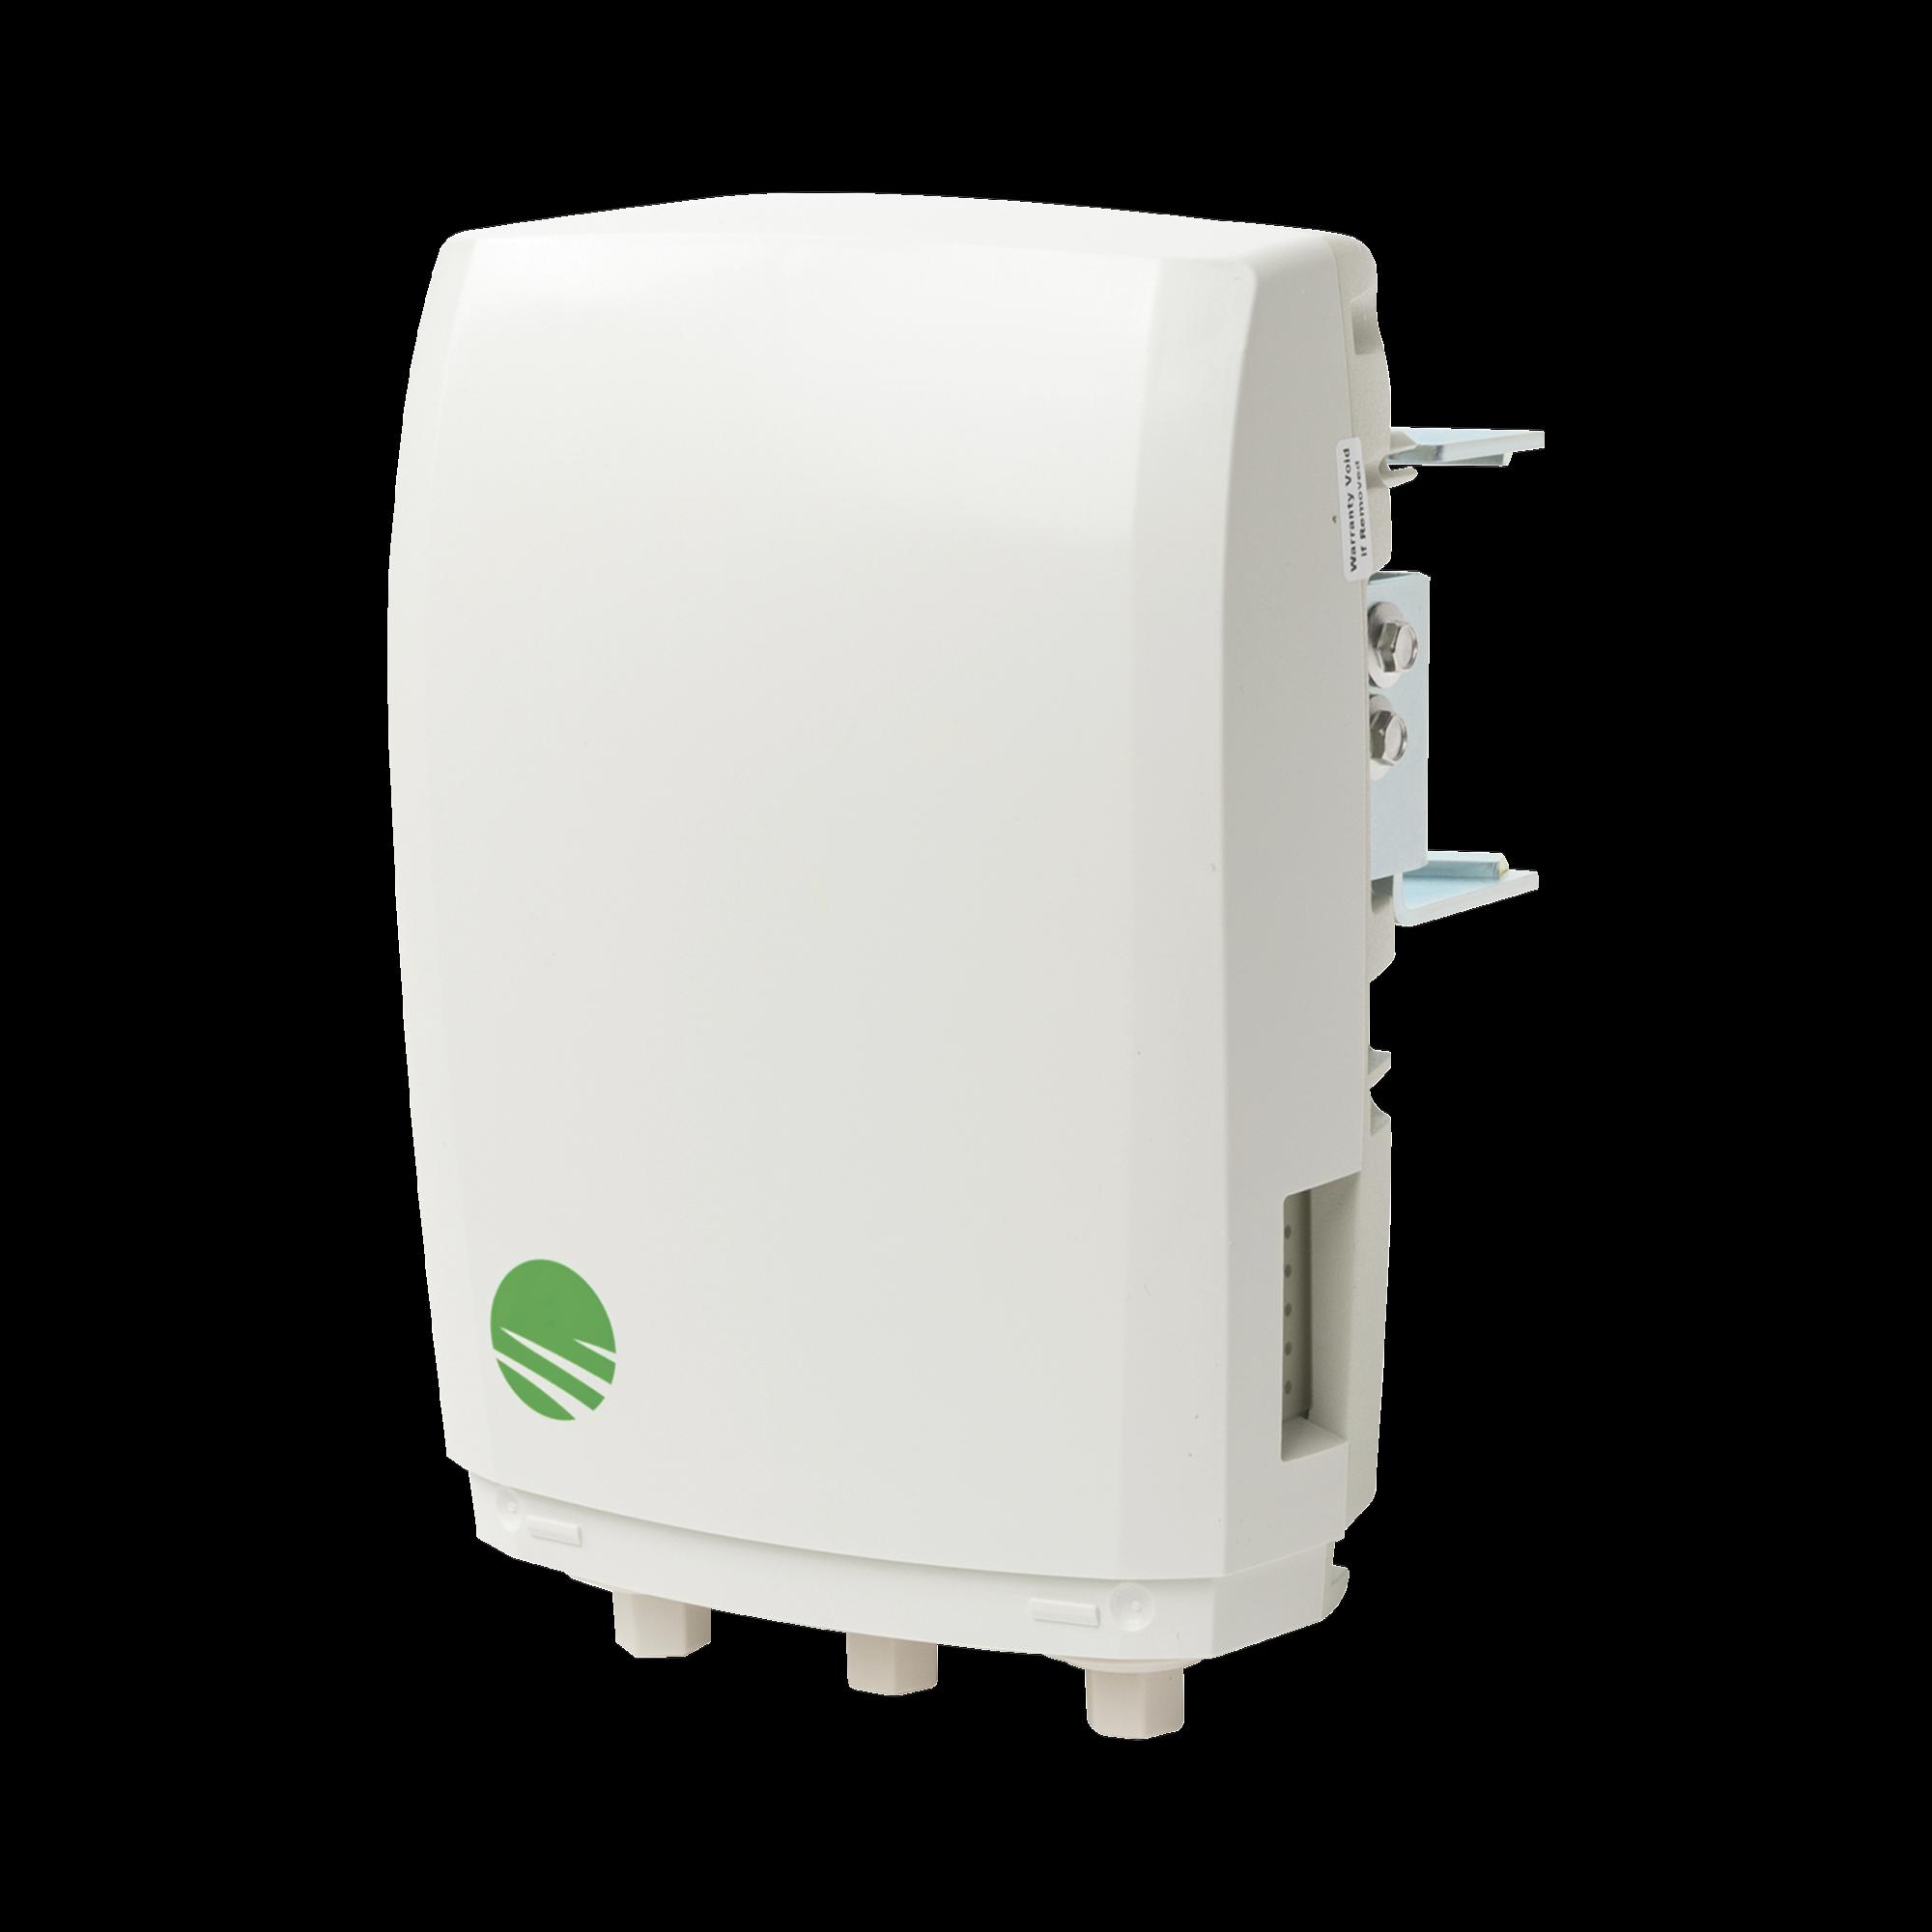 Unidad Terminal MultiHaul? TU, 90?, 100 Mbps actualizables a 1000Mbps, 3 puertos RJ-45 (Salida PoE habilidata en 2 puertos), Montaje e inyector PoE incluidos, IP65, Color Blanco